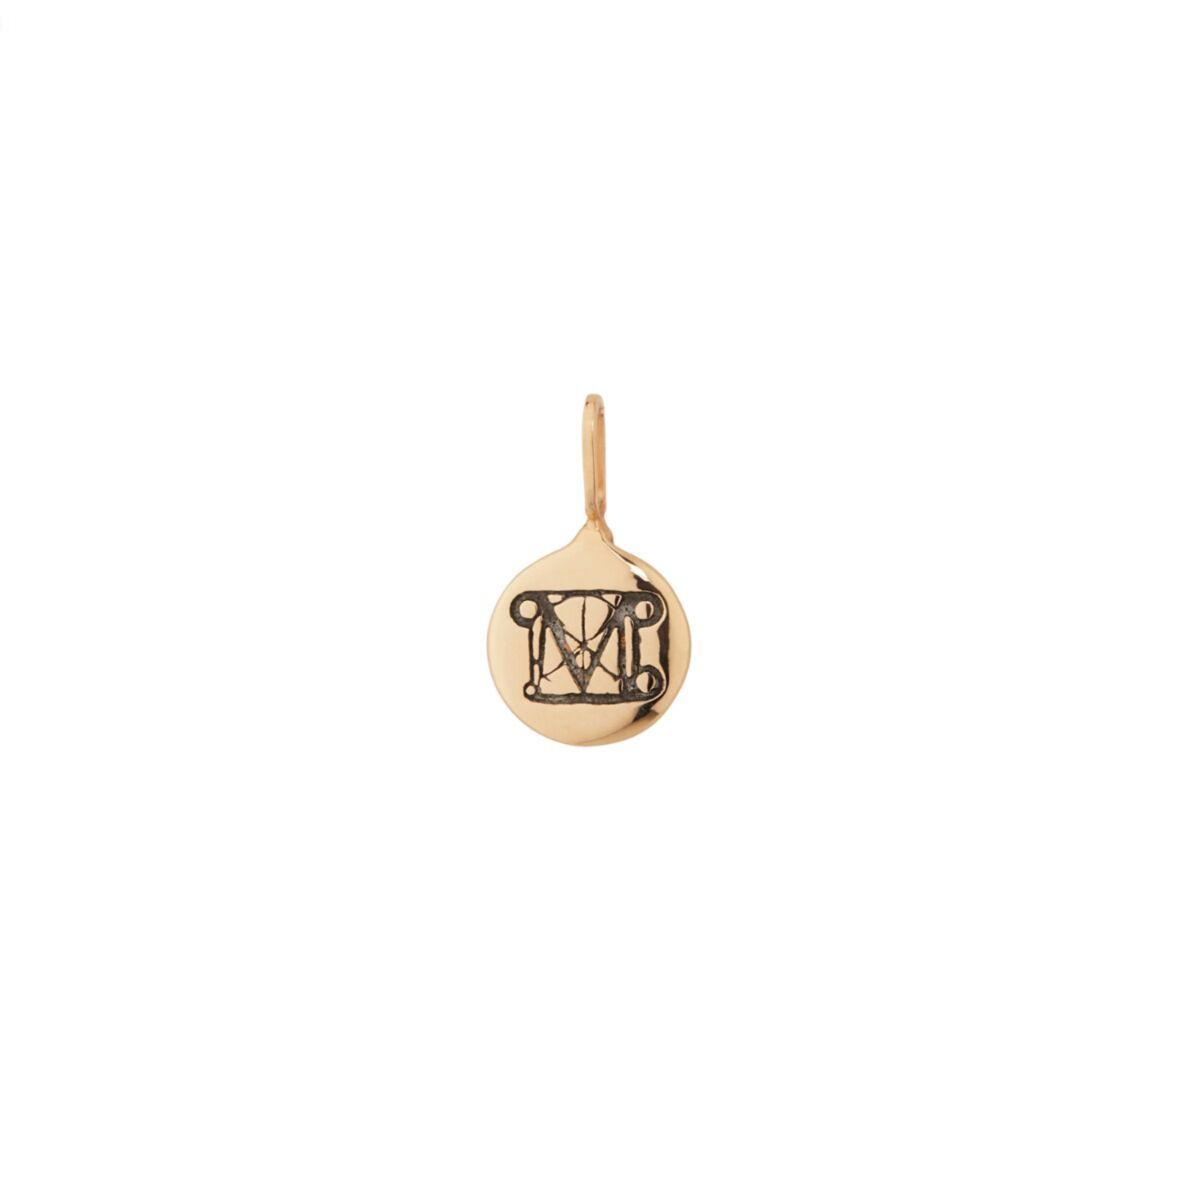 The Met Button Souvenir Charm image